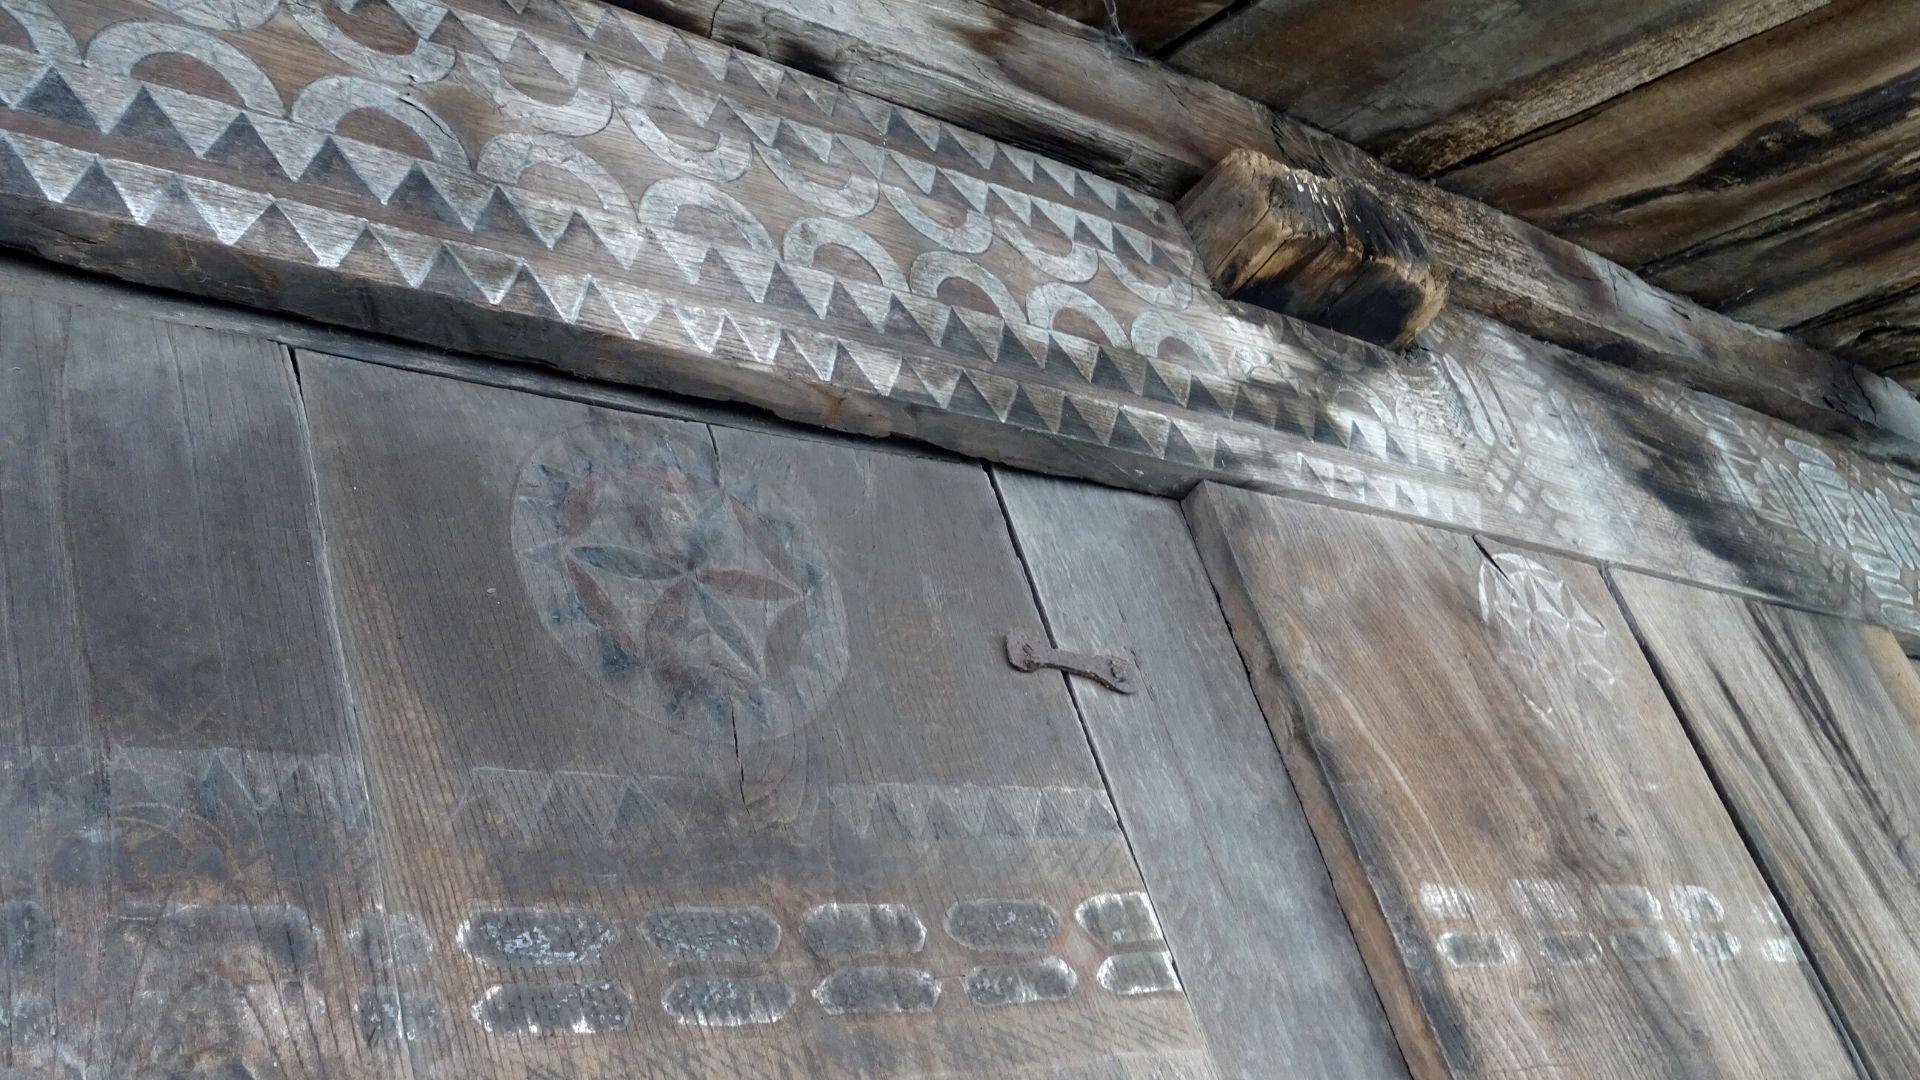 Un detalle de la destacada decoración pintada de este horro estilo Vilaviciosa